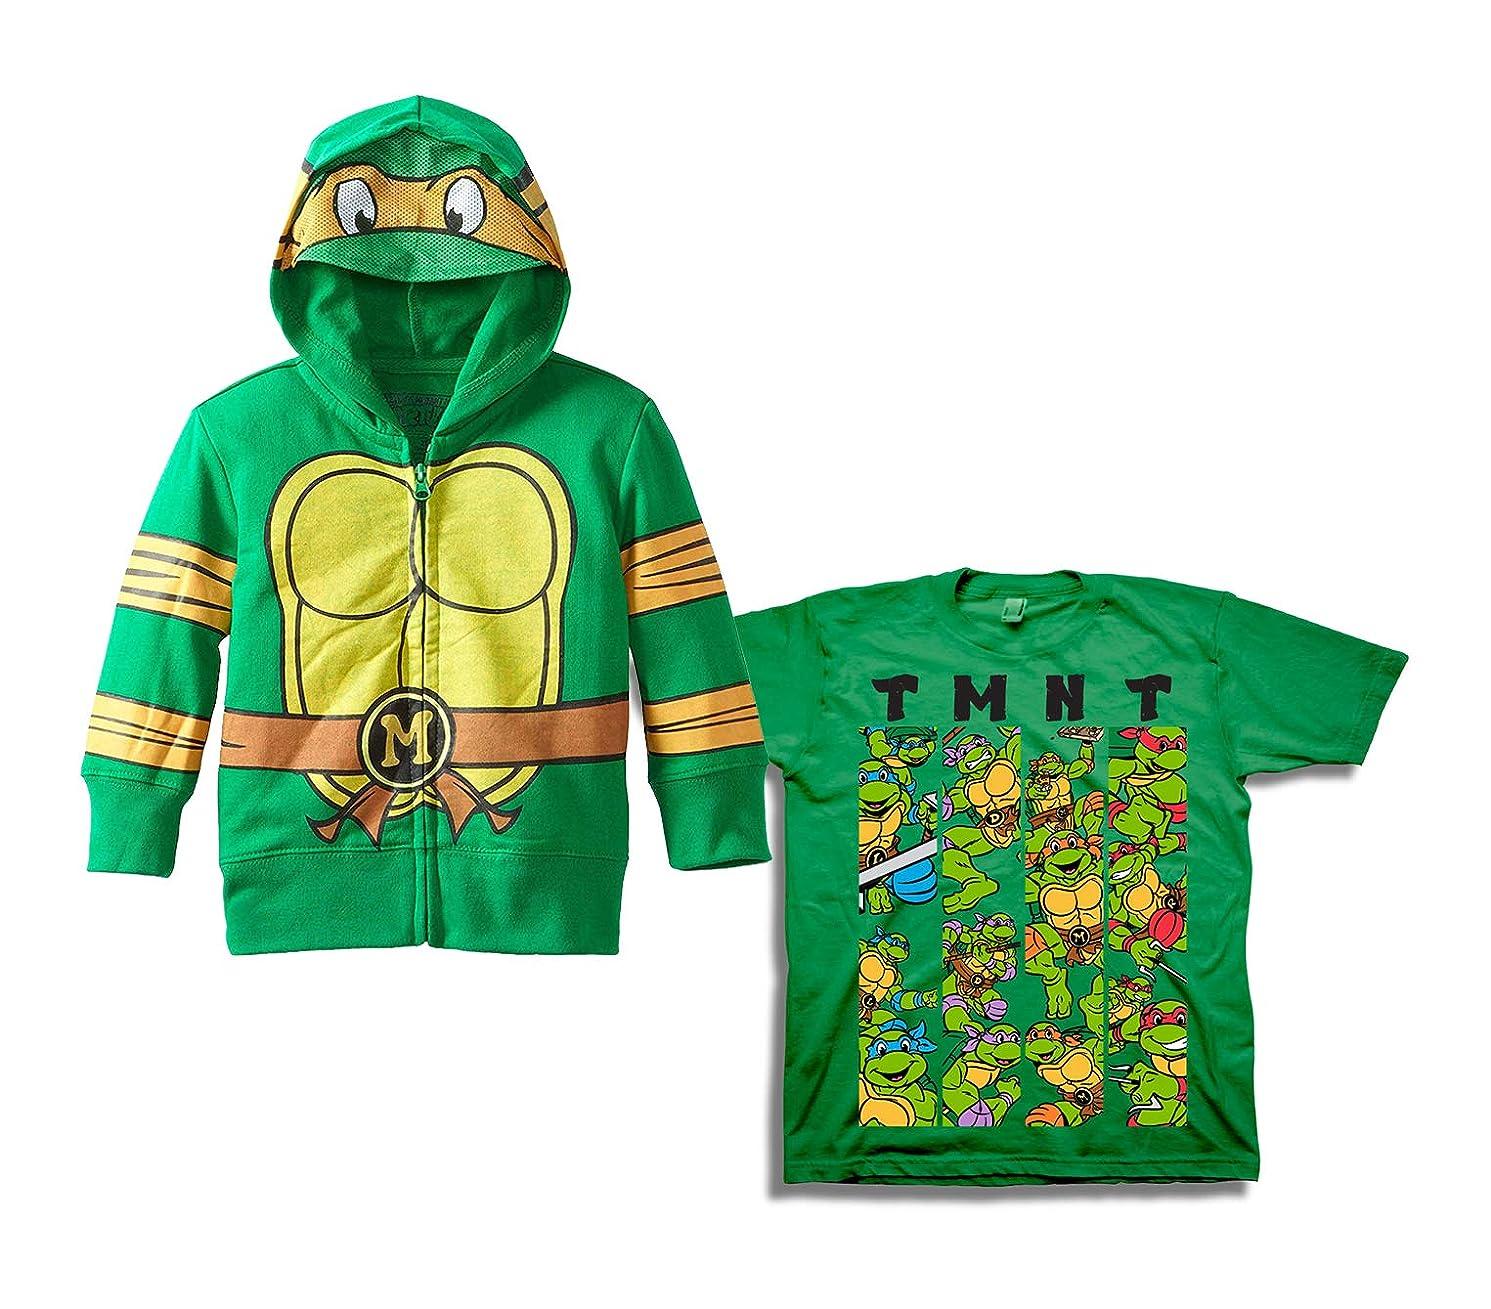 Teenage Mutant Ninja Turtles Set - 2 Pack of Teenage Mutant Ninja Turtles Hoodie and Tee